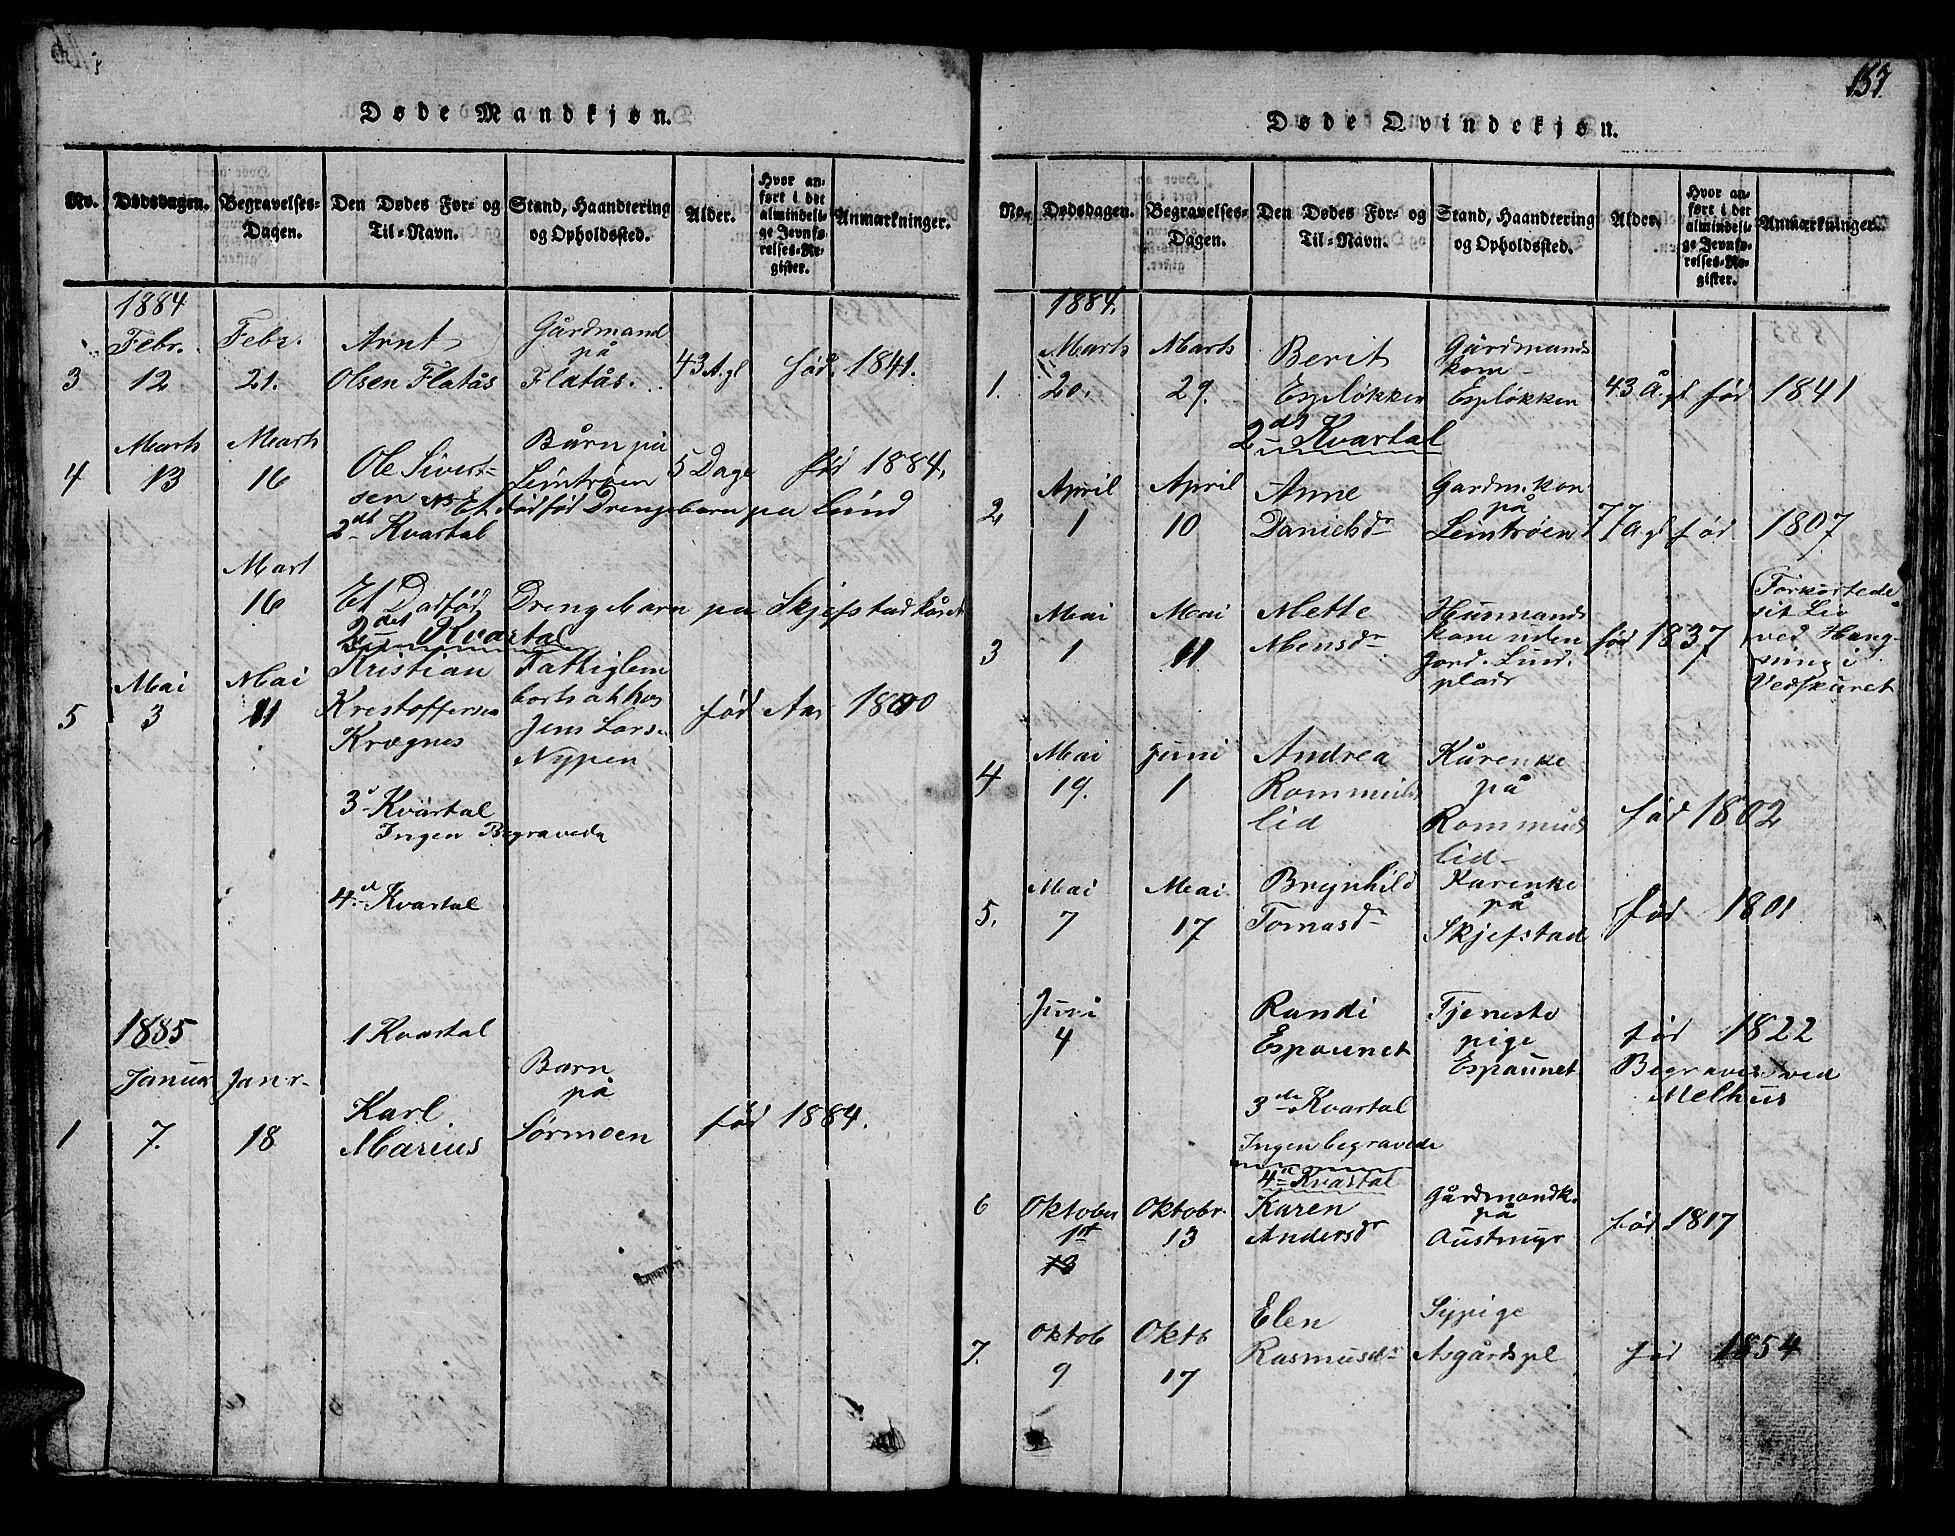 SAT, Ministerialprotokoller, klokkerbøker og fødselsregistre - Sør-Trøndelag, 613/L0393: Klokkerbok nr. 613C01, 1816-1886, s. 157